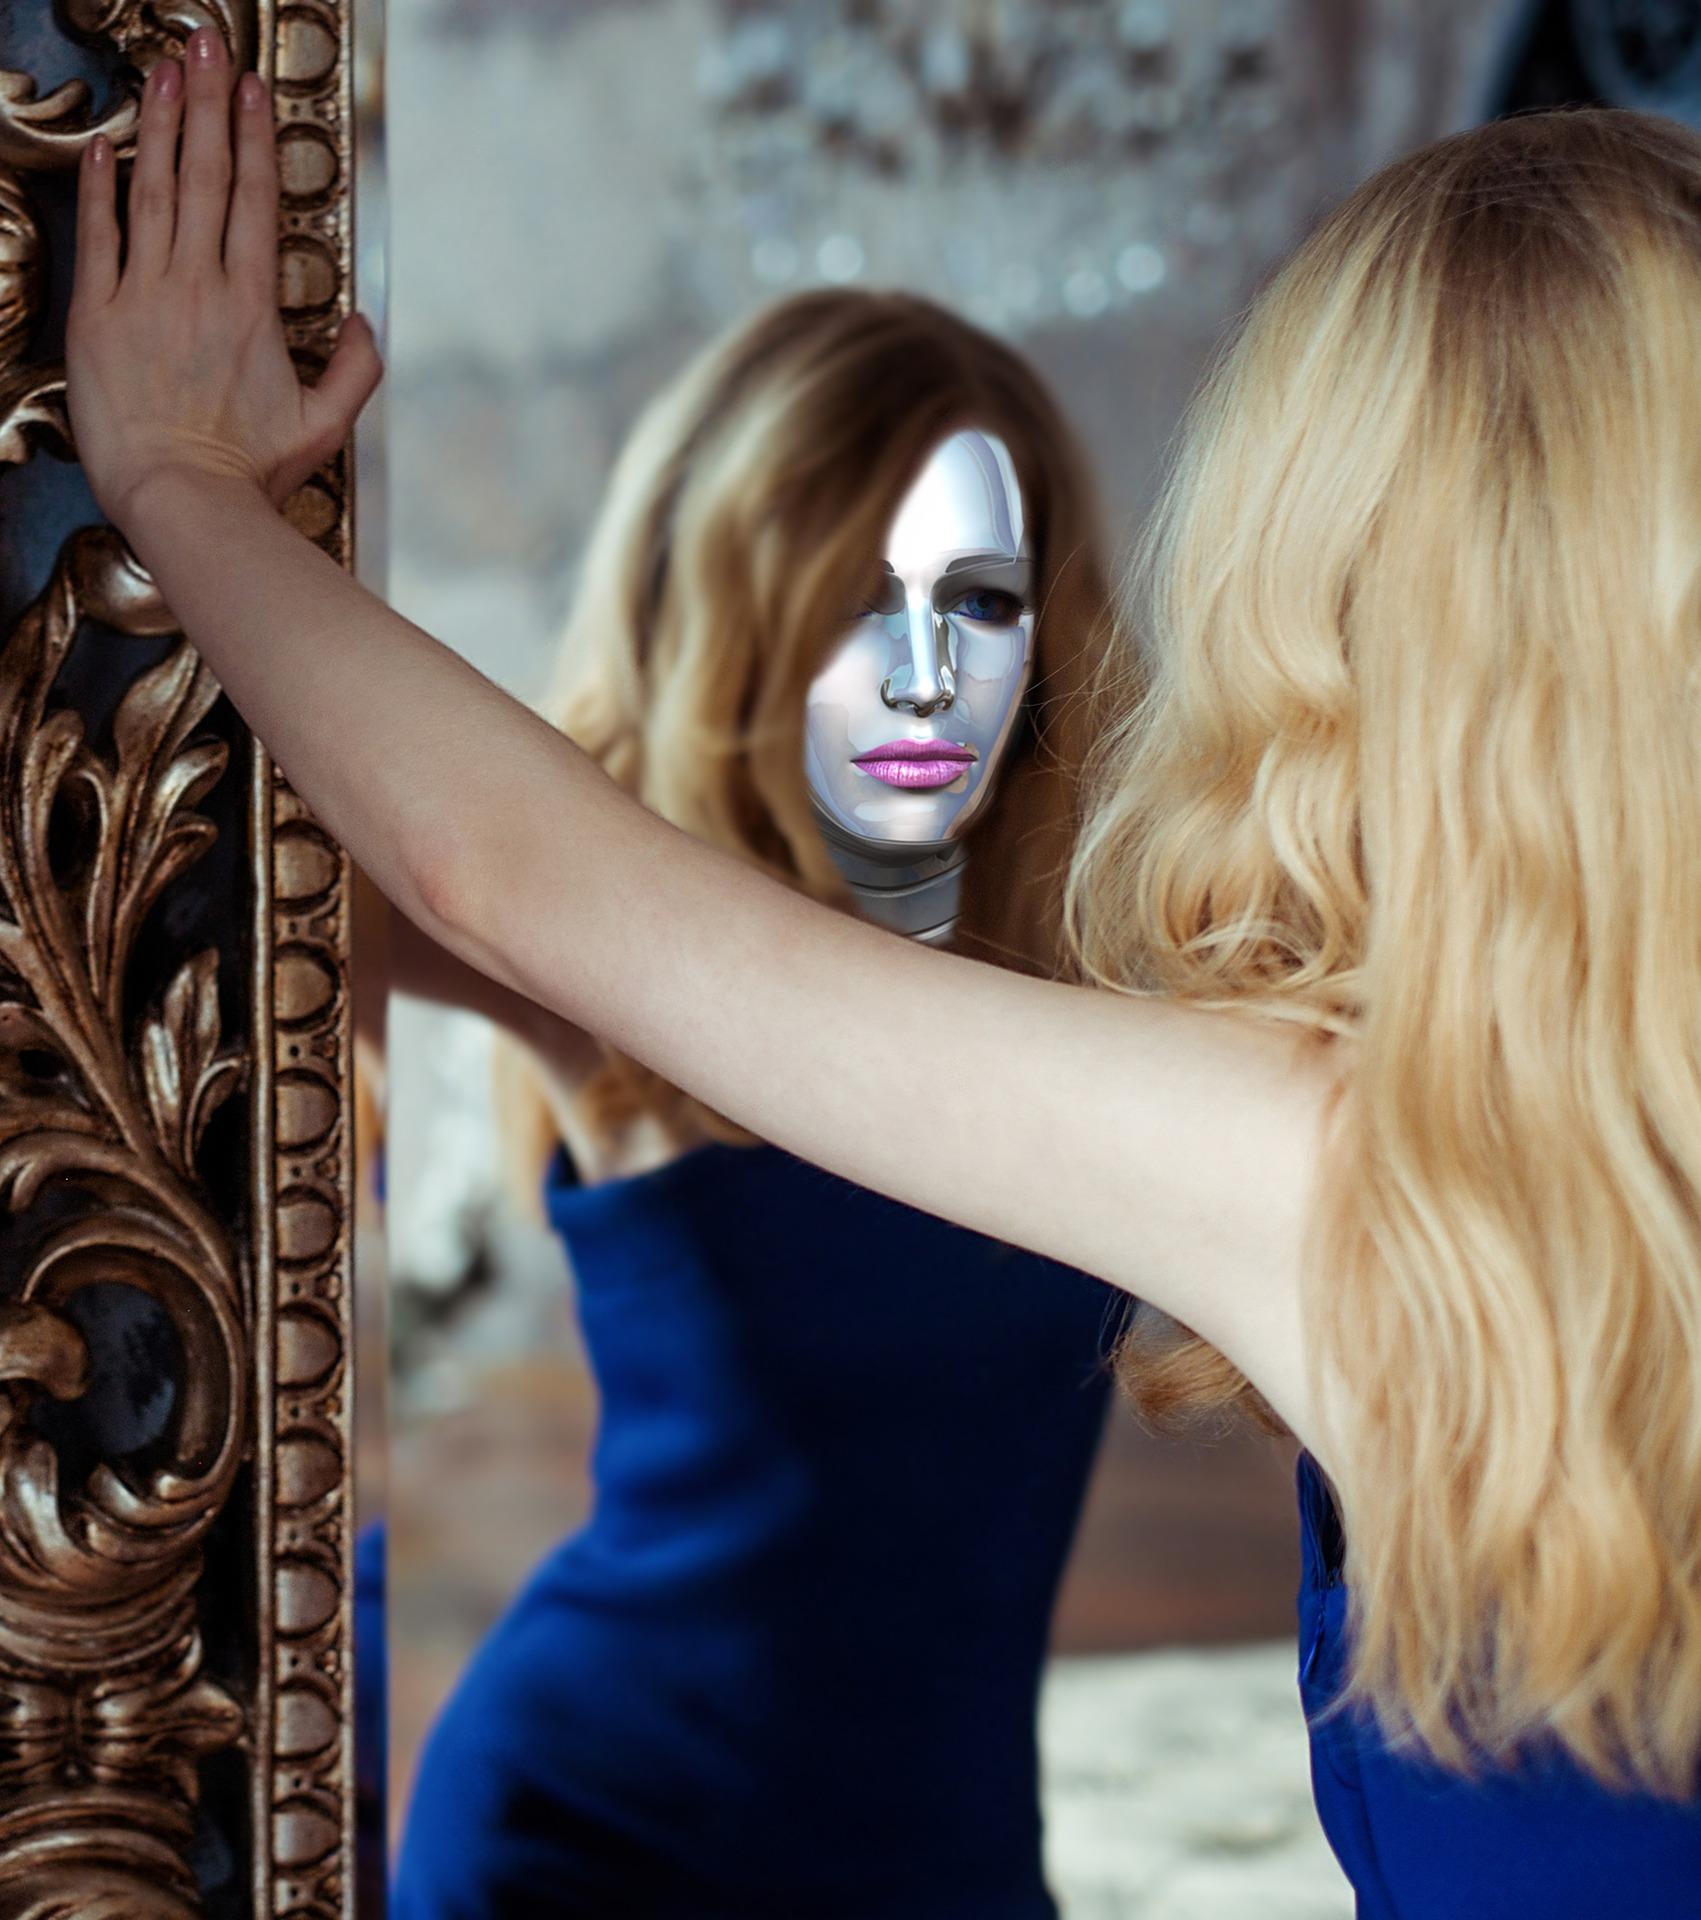 Algunas personas que sufren prosopagnosia no se reconocen al mirarse en el espejo